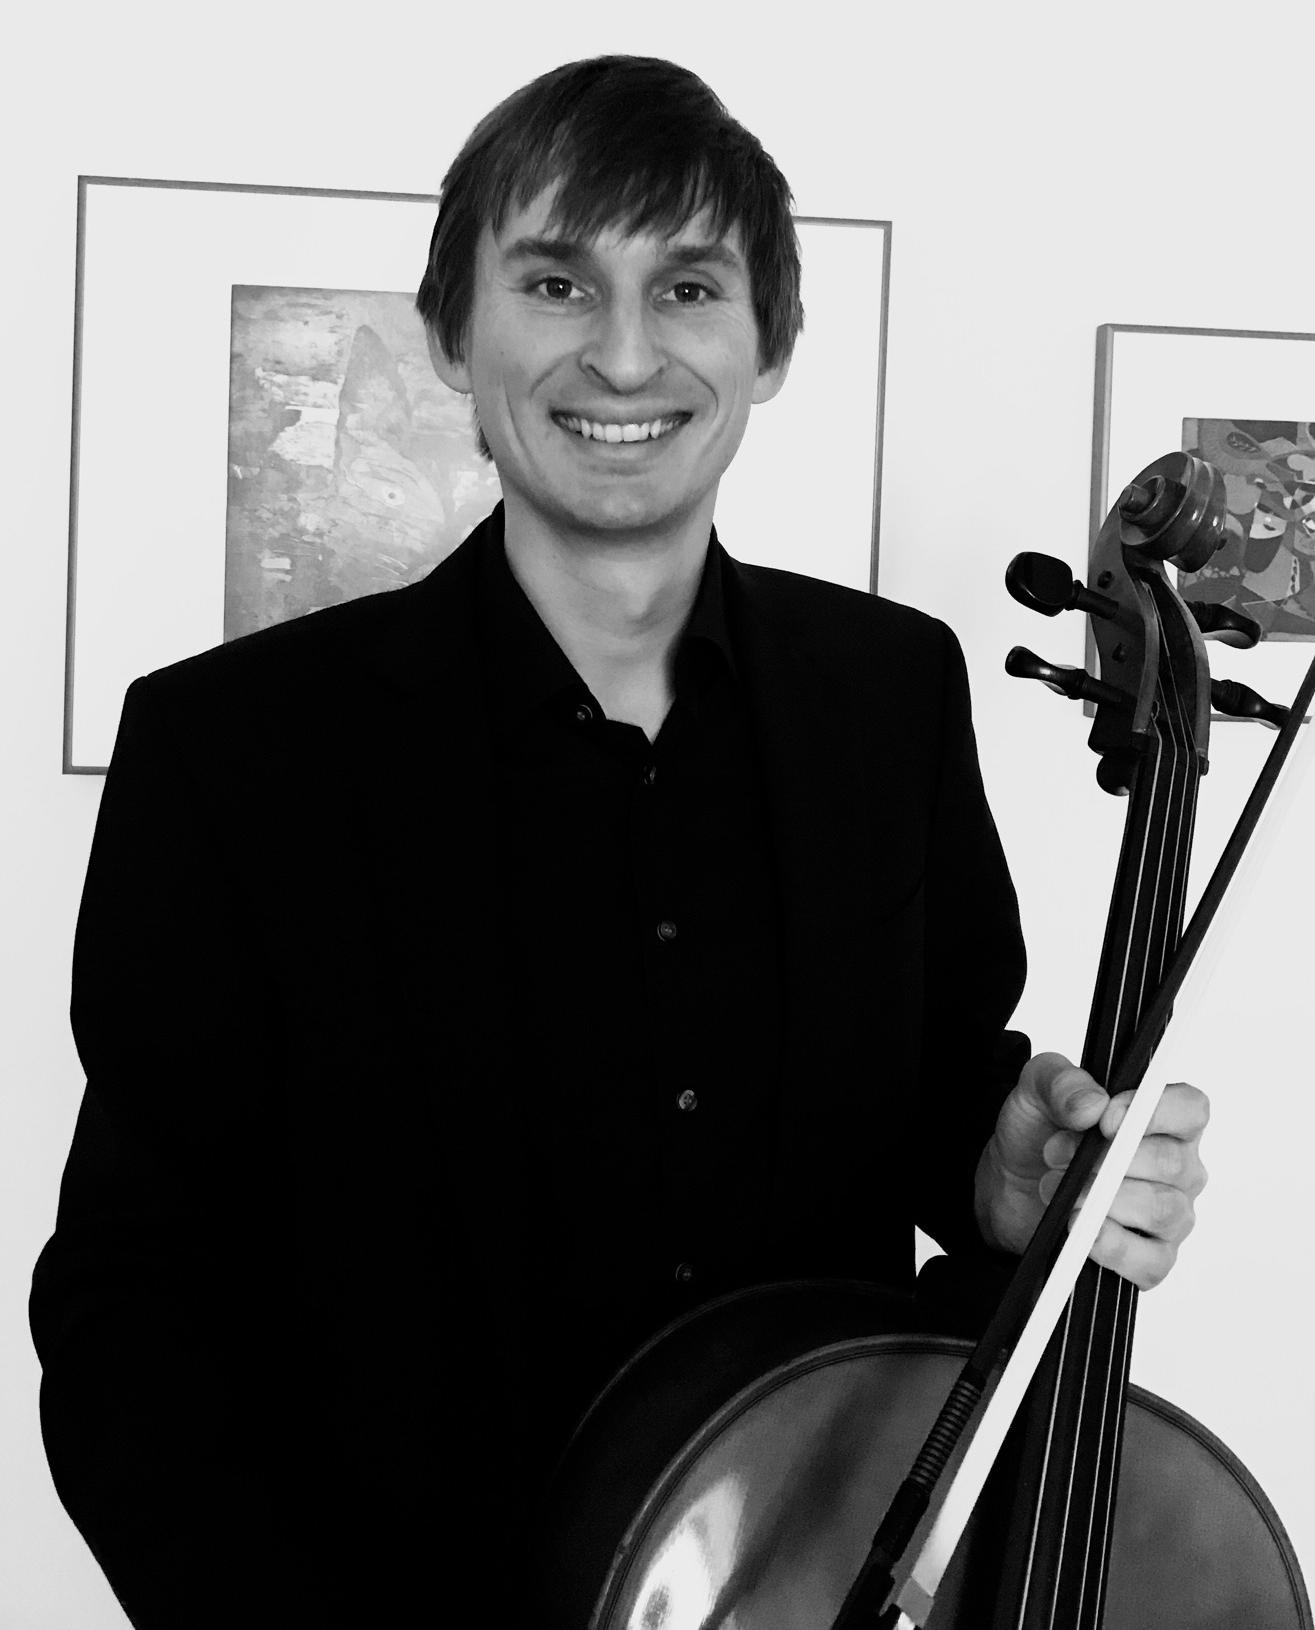 Marius Schmid